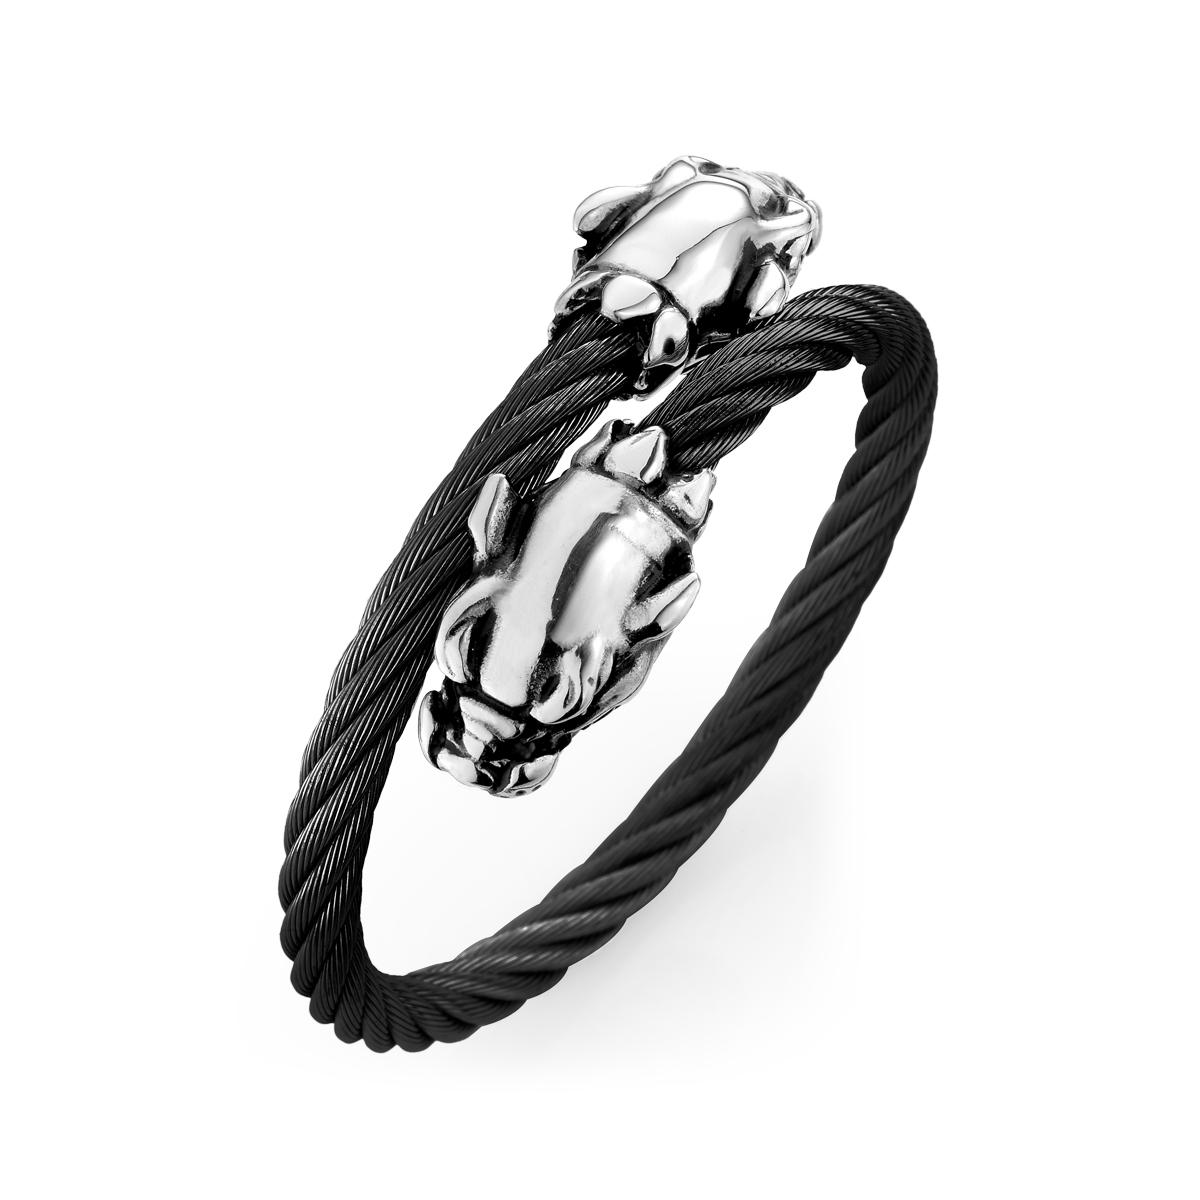 C133 粗獷豹造型手環